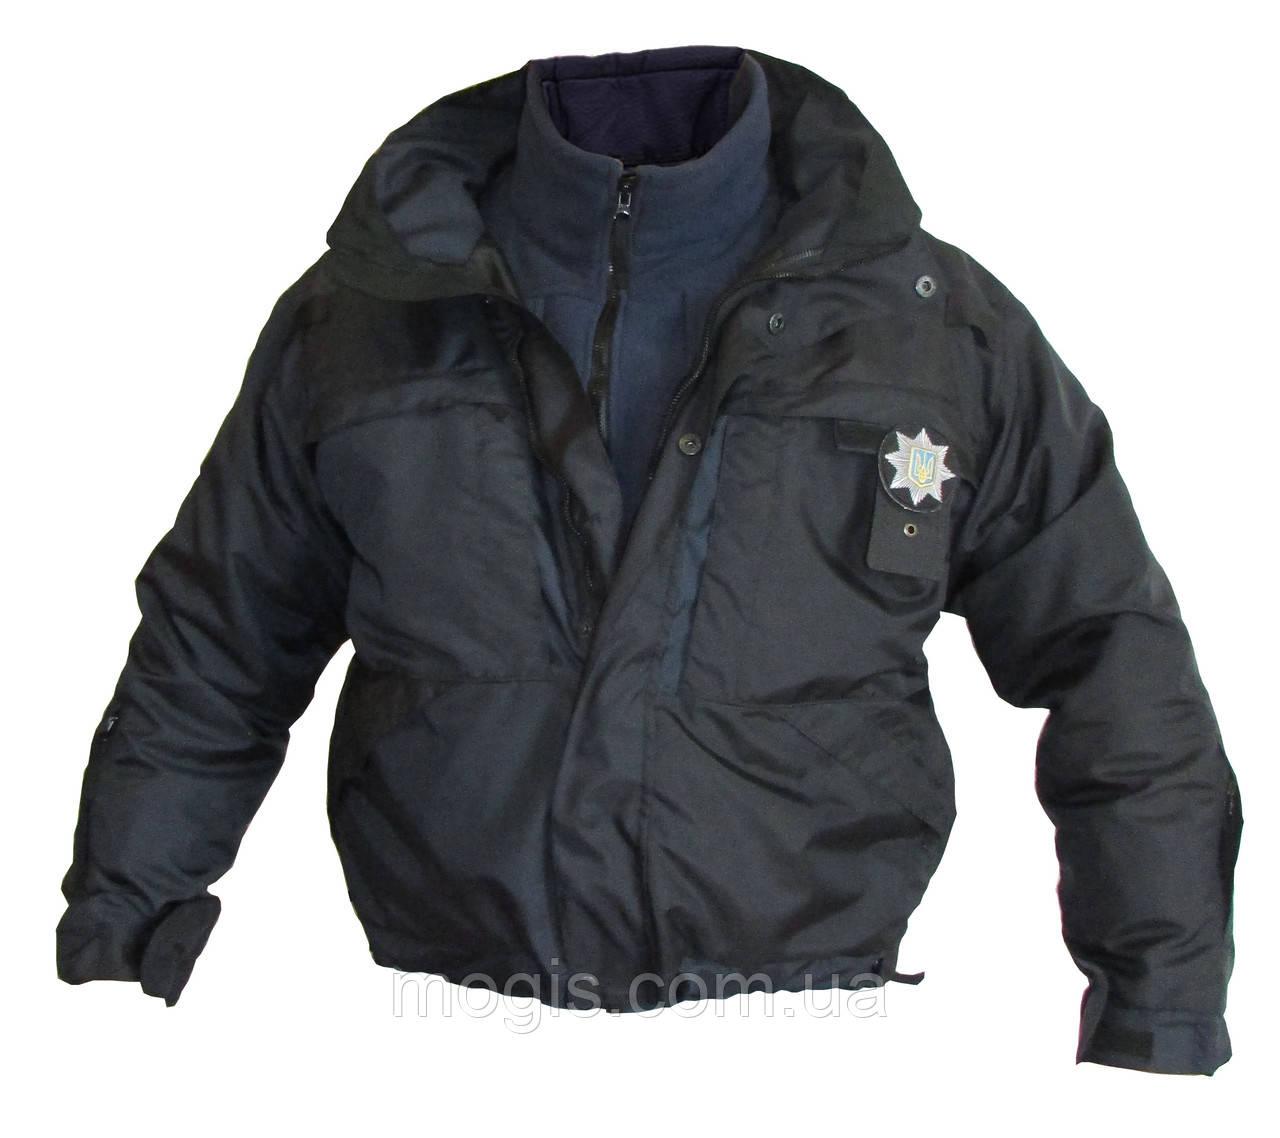 Форма патрульной полиции Украины  Куртка зимняя с подстёжкой (черная и  воронье крыло) аналог 8e362317c45ae